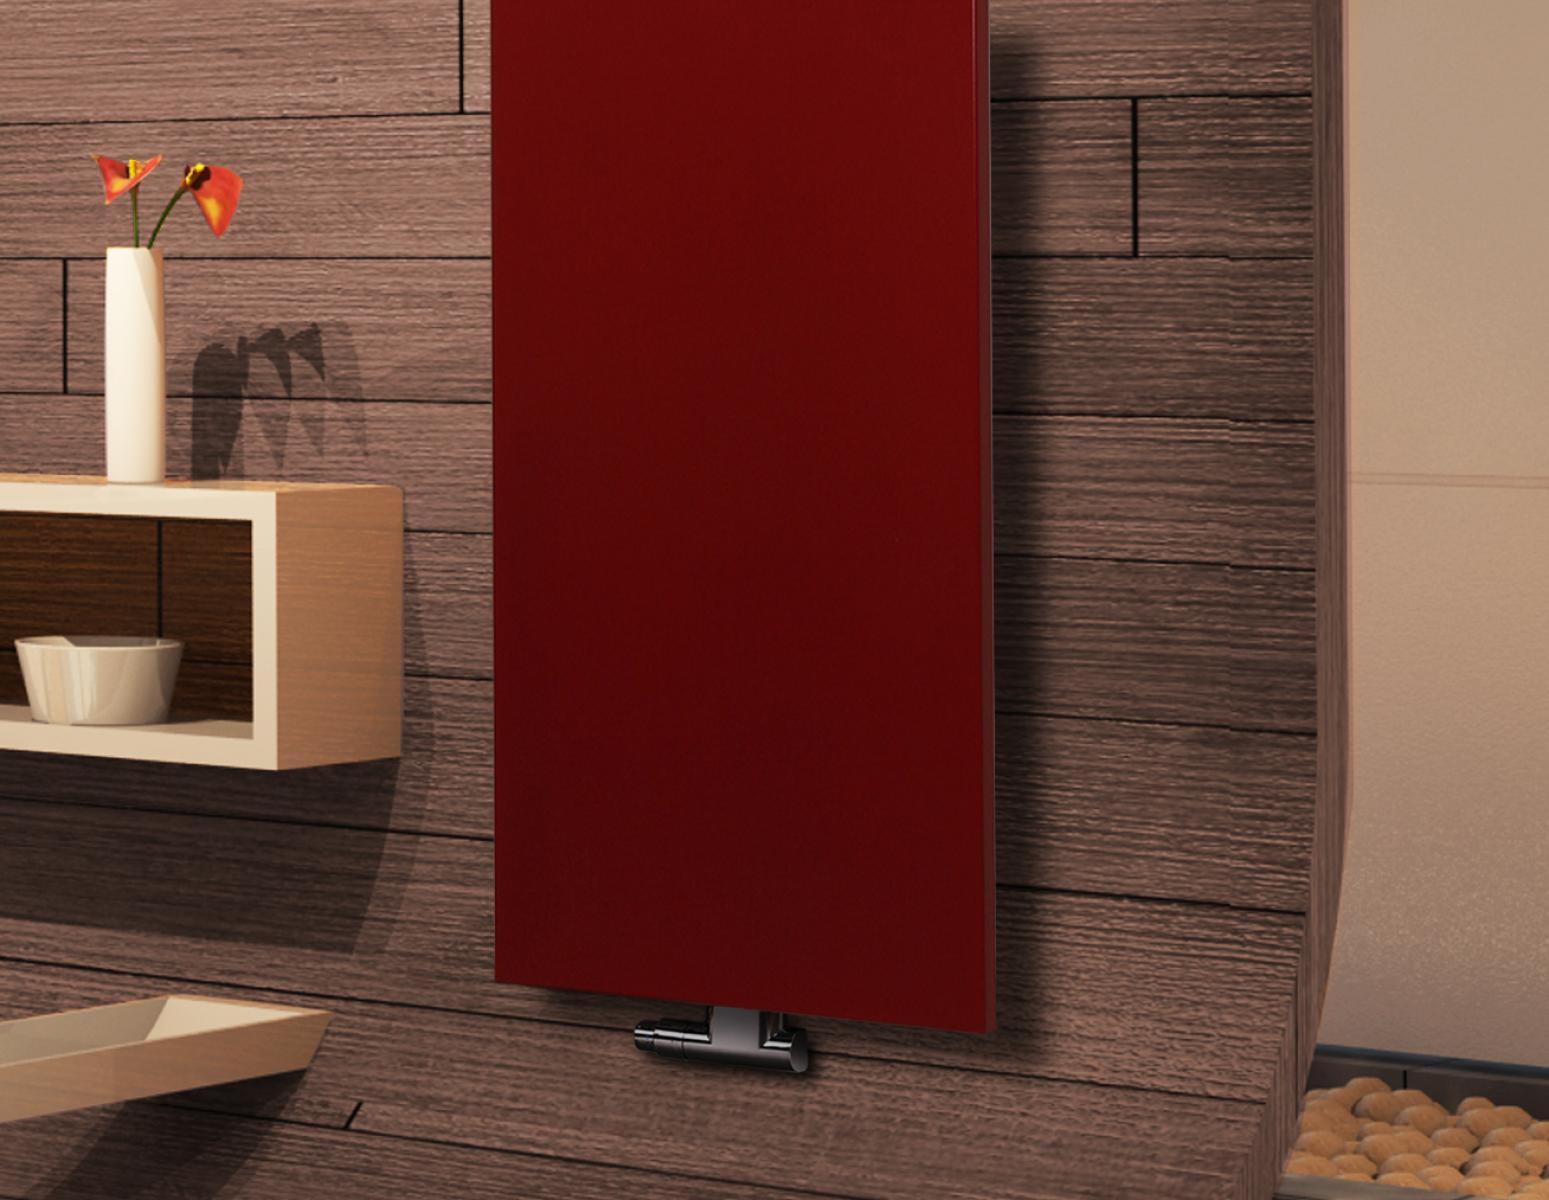 Full Size of Handtuchhalter Heizkörper Badheizkrper Design Mirror Steel 3 Elektroheizkörper Bad Wohnzimmer Badezimmer Für Küche Wohnzimmer Handtuchhalter Heizkörper